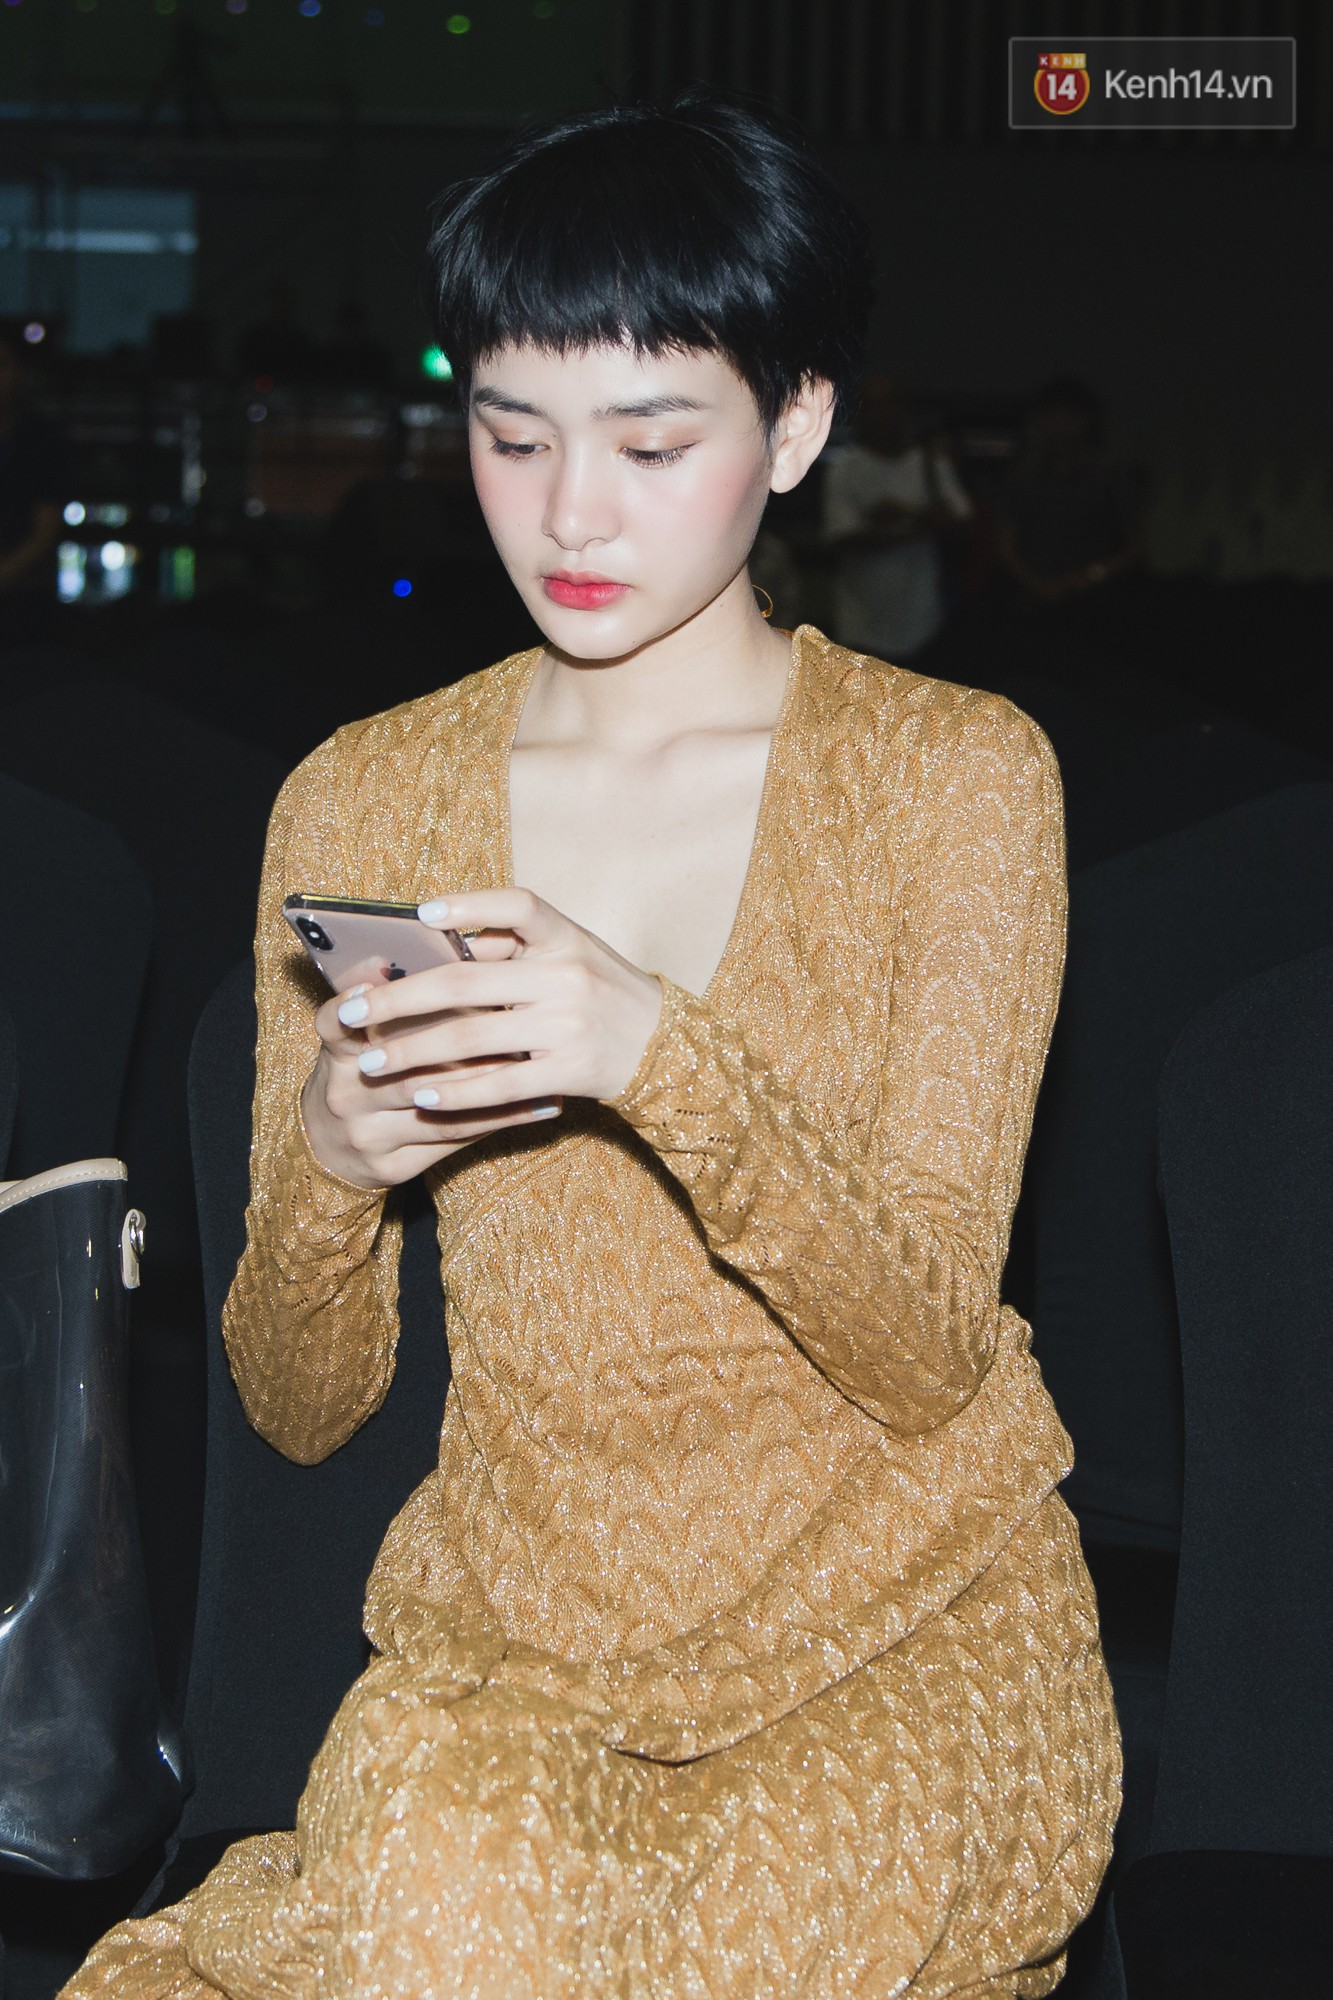 Bích Phương bất ngờ cool ngầu, trái ngược với Hiền Hồ sexy nữ tính trong buổi tổng duyệt WeChoice Awards 2018 - Ảnh 2.